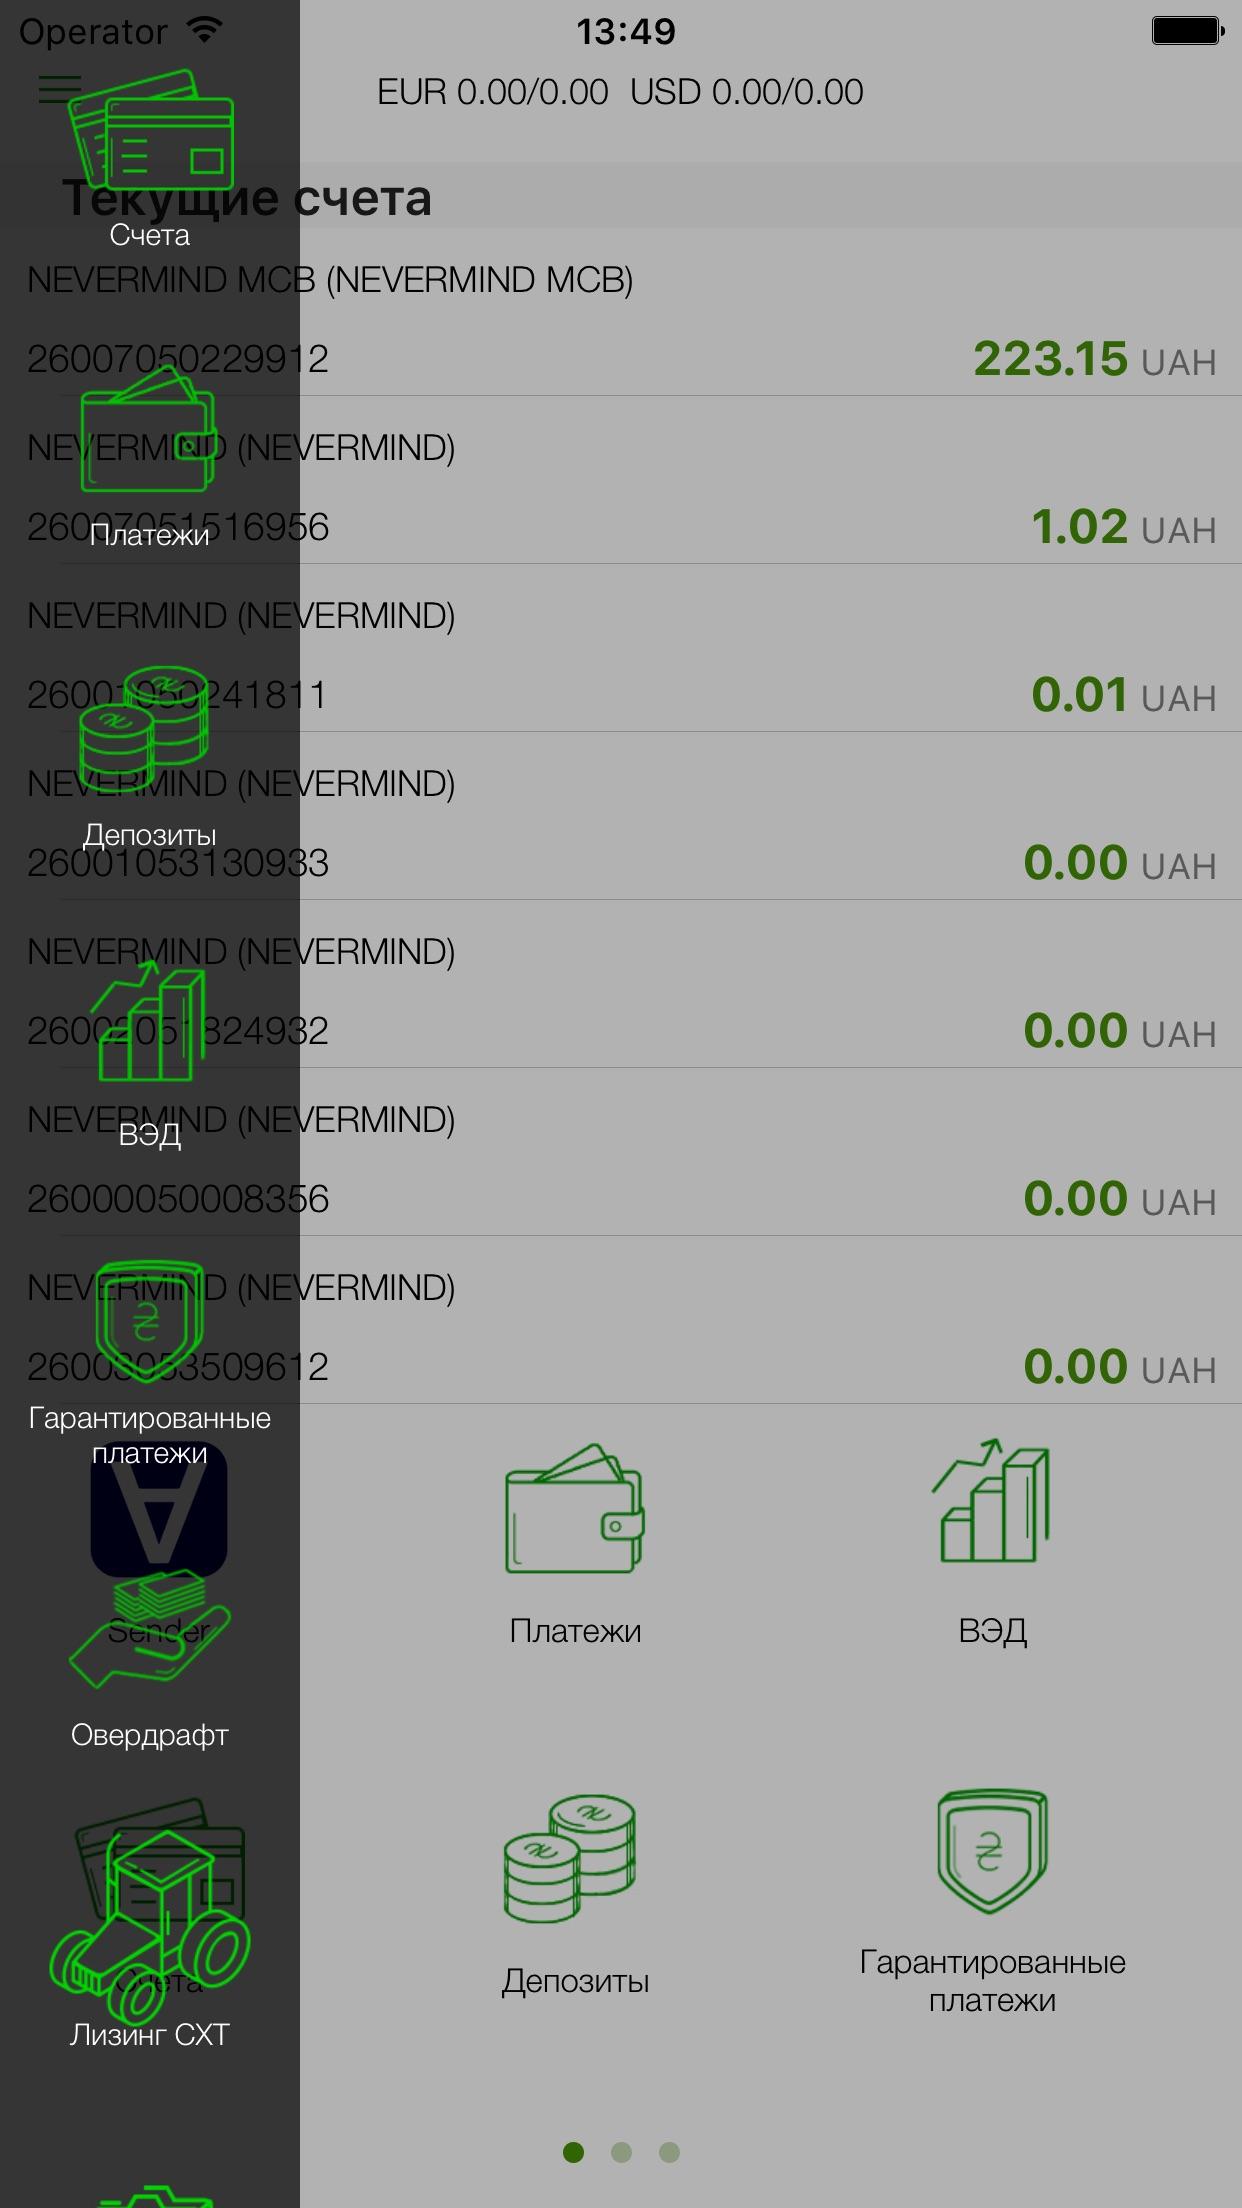 Приват24 Бізнес Screenshot